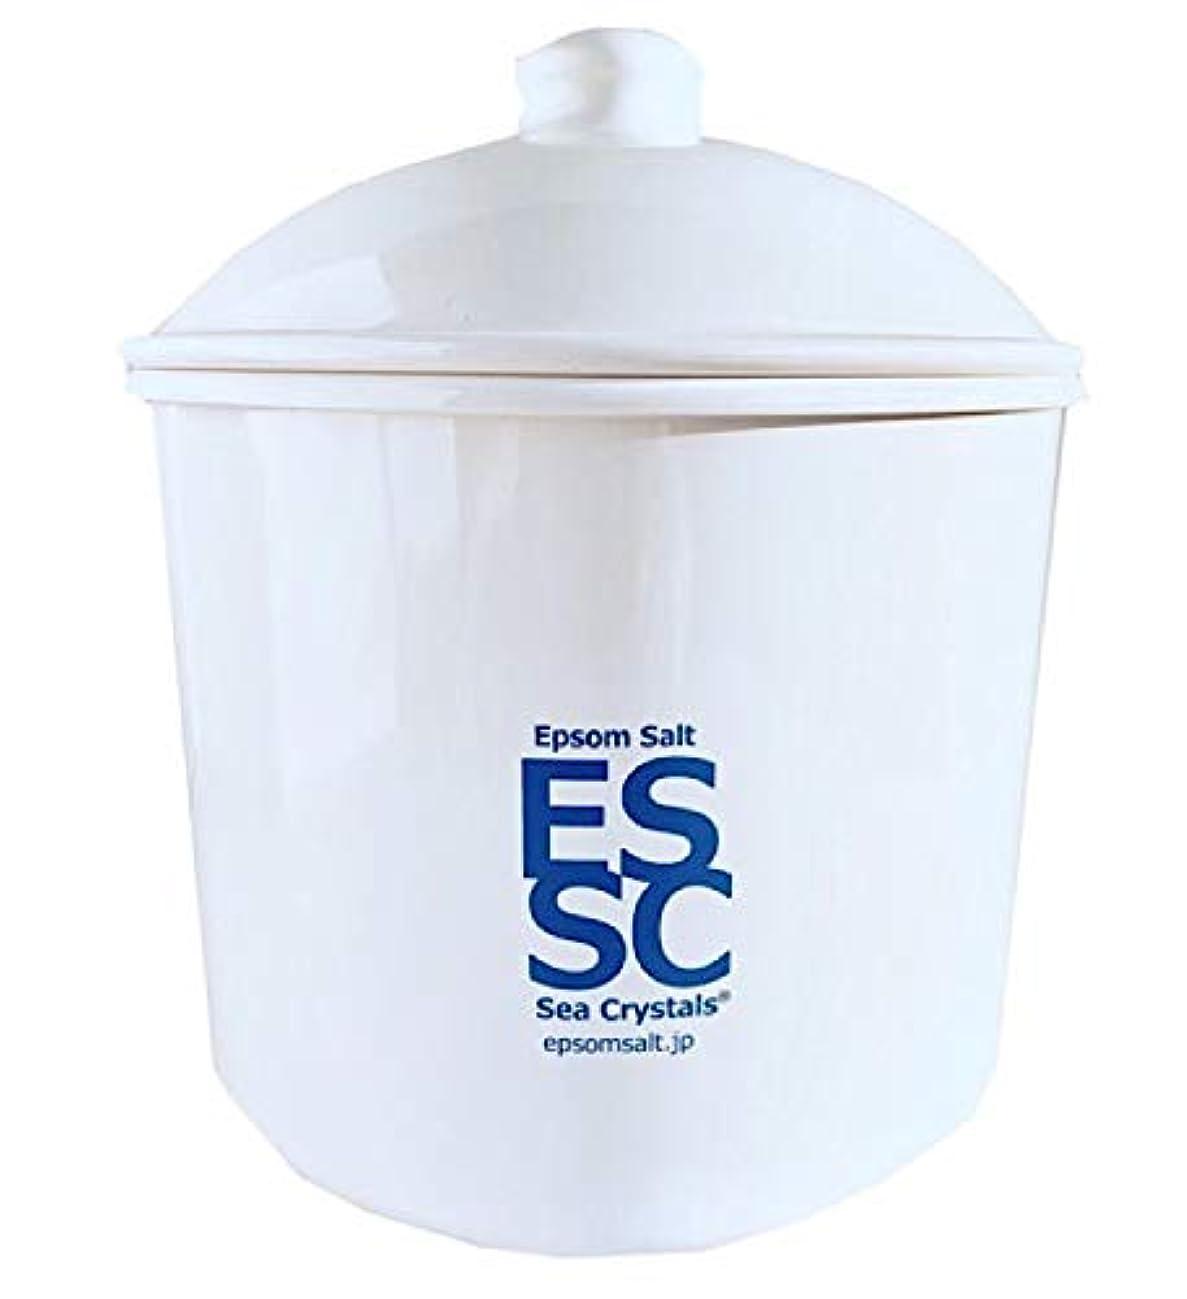 ブラウスマリン証明シークリスタルス 国産 エプソムソルト 入浴剤 ケース入り2.2kg 約14回分 計量スプーン付き 無香料 硫酸マグネシウム